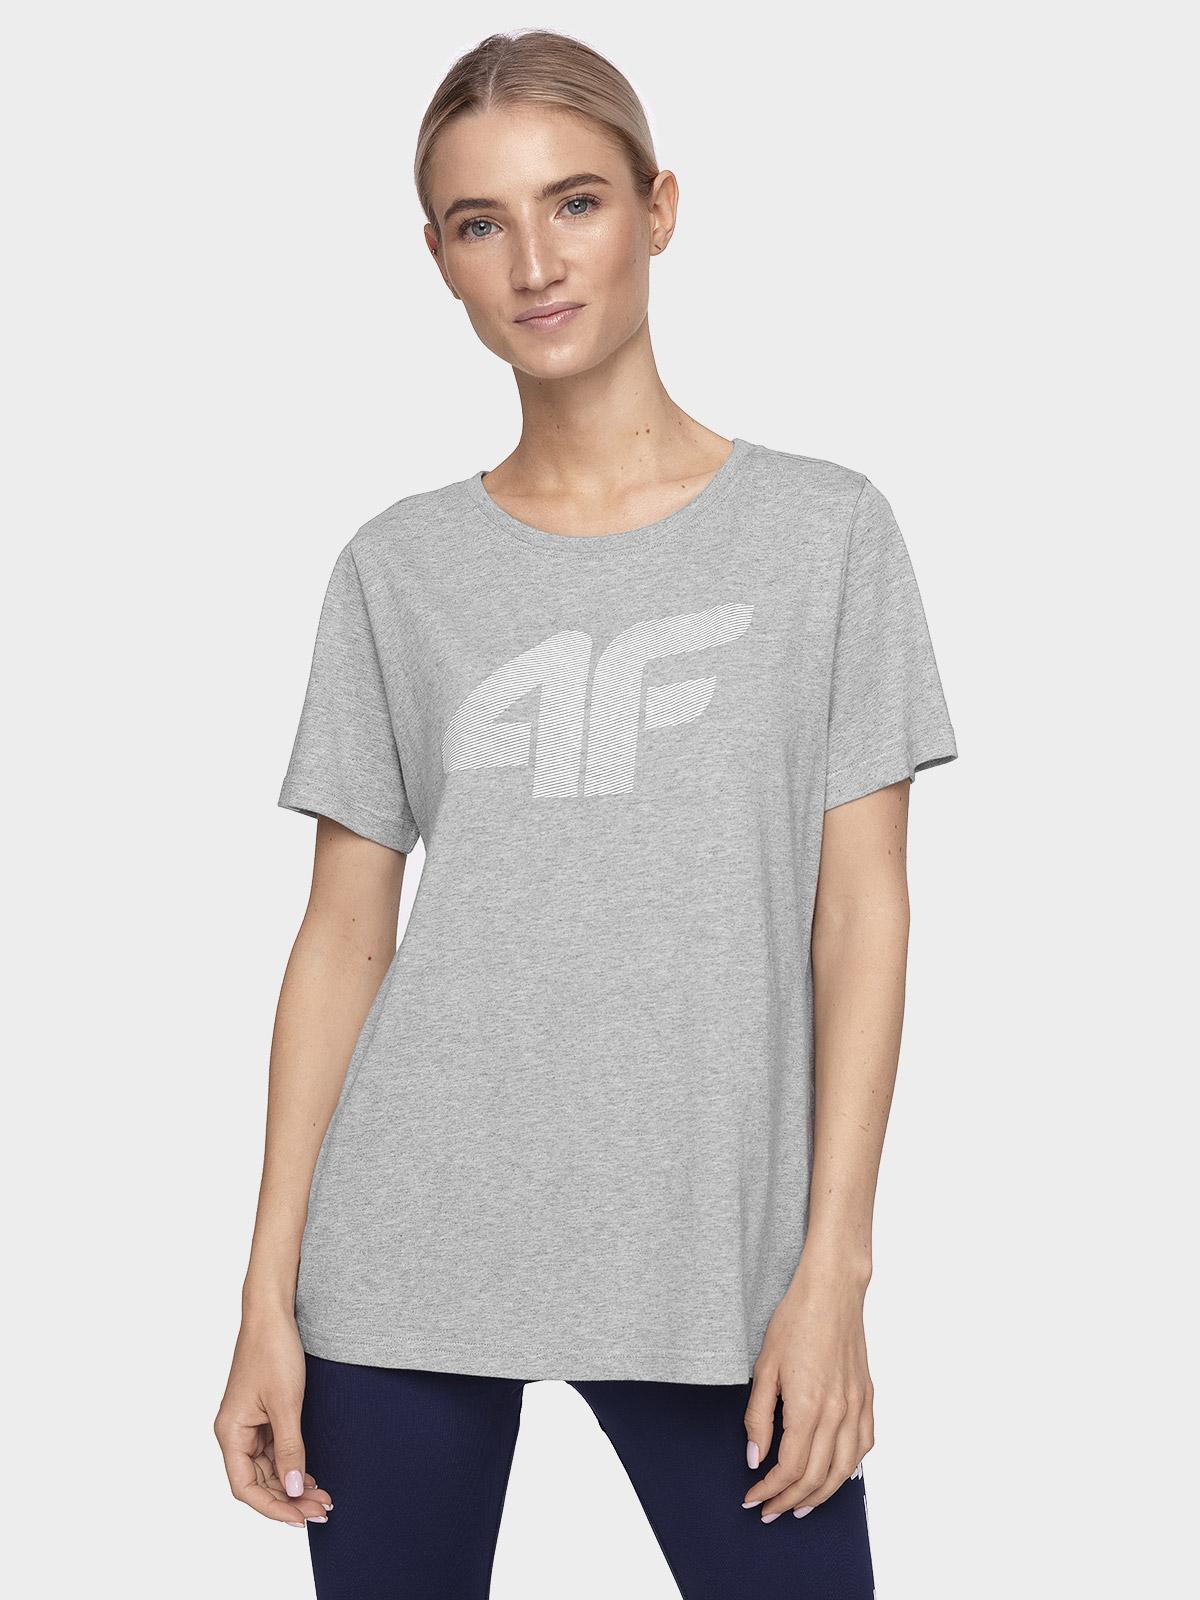 T-shirt damski TSD304 - ciepły jasny szary melanż